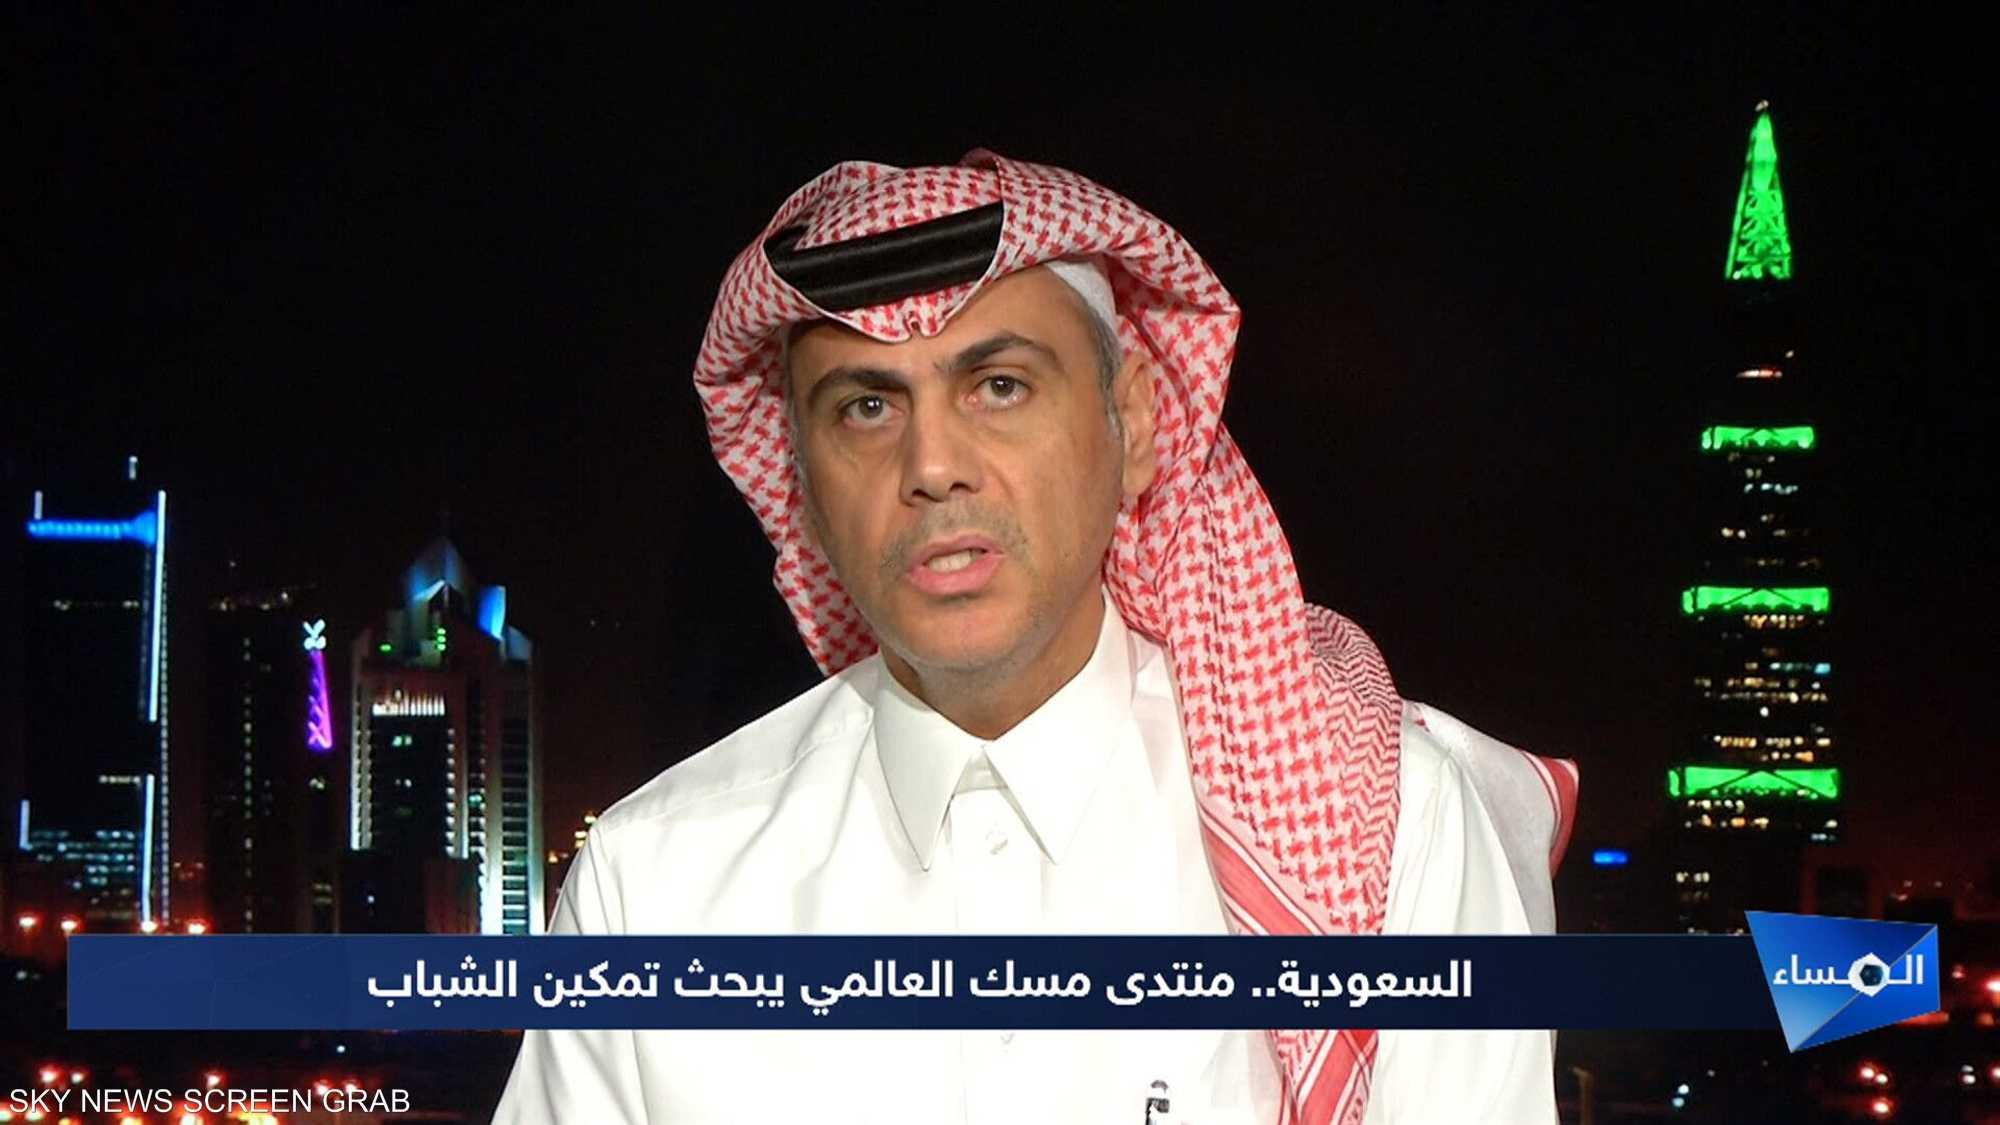 السعودية.. منتدى مسك العالمي يبحث تمكين الشباب